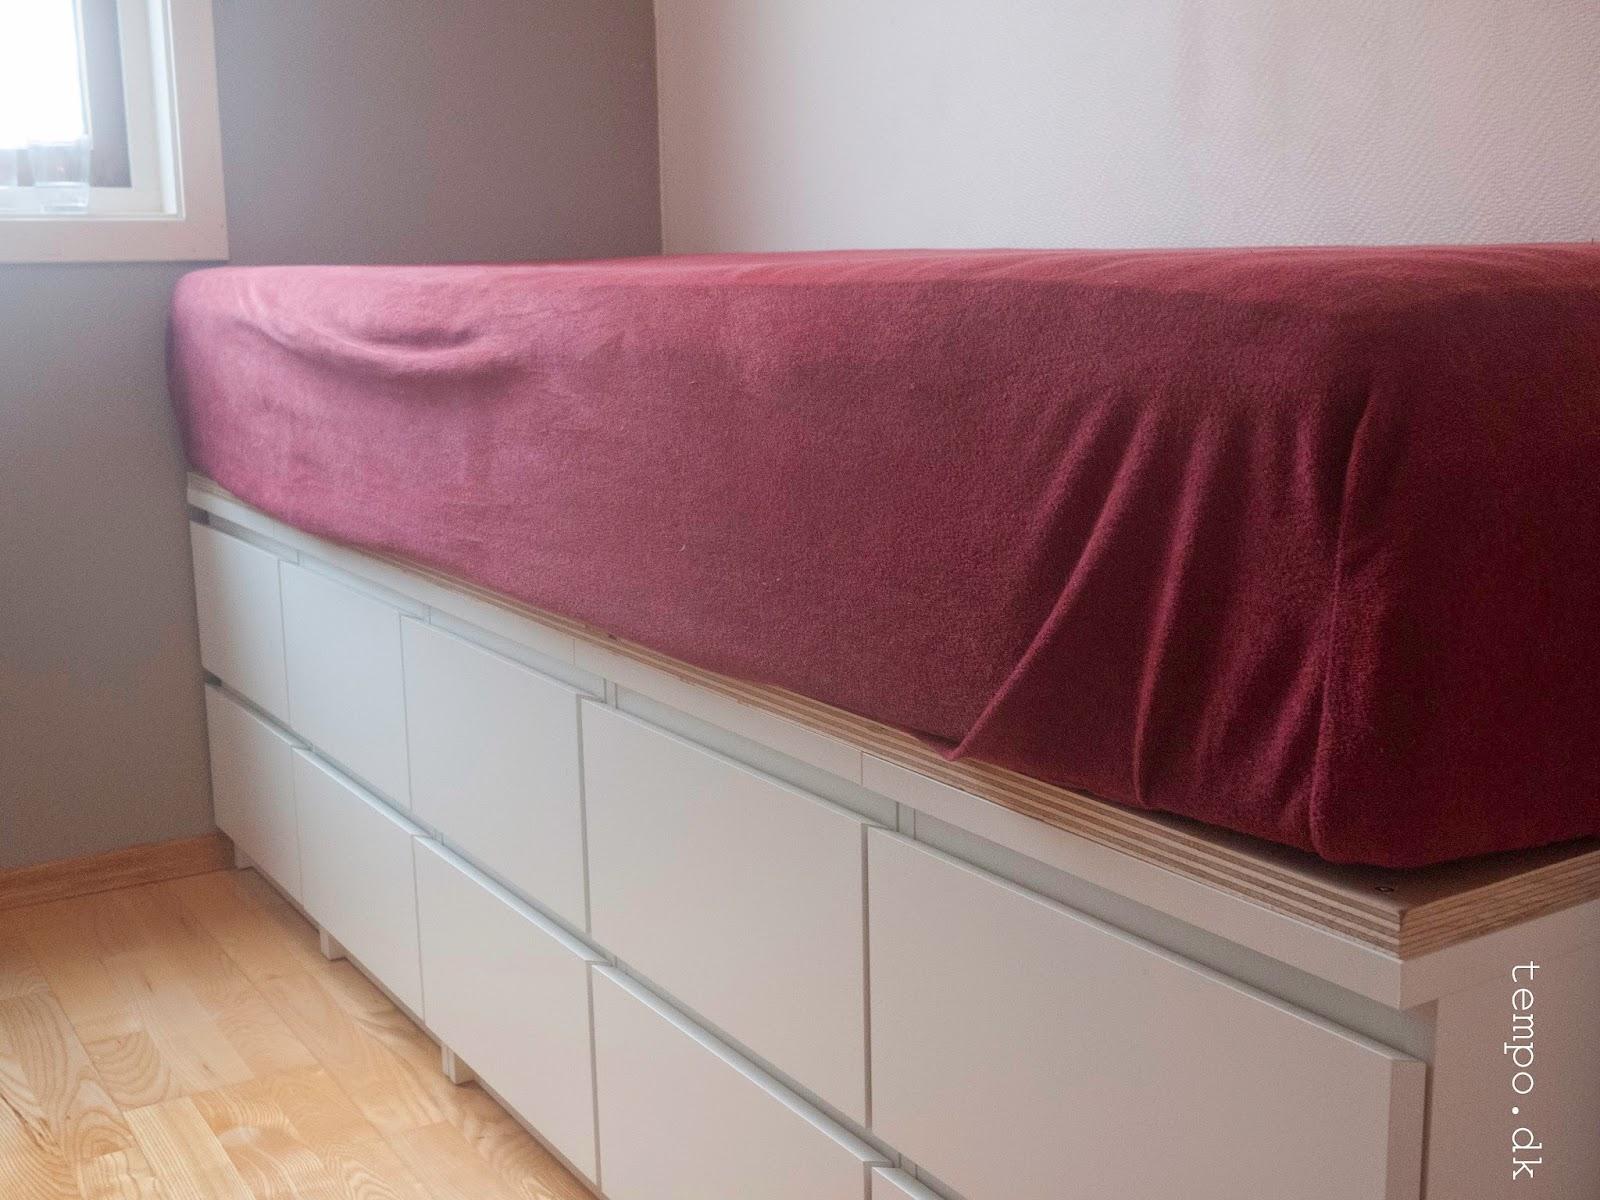 skuffer under seng Skuffer Under Seng archive skuffer under seng